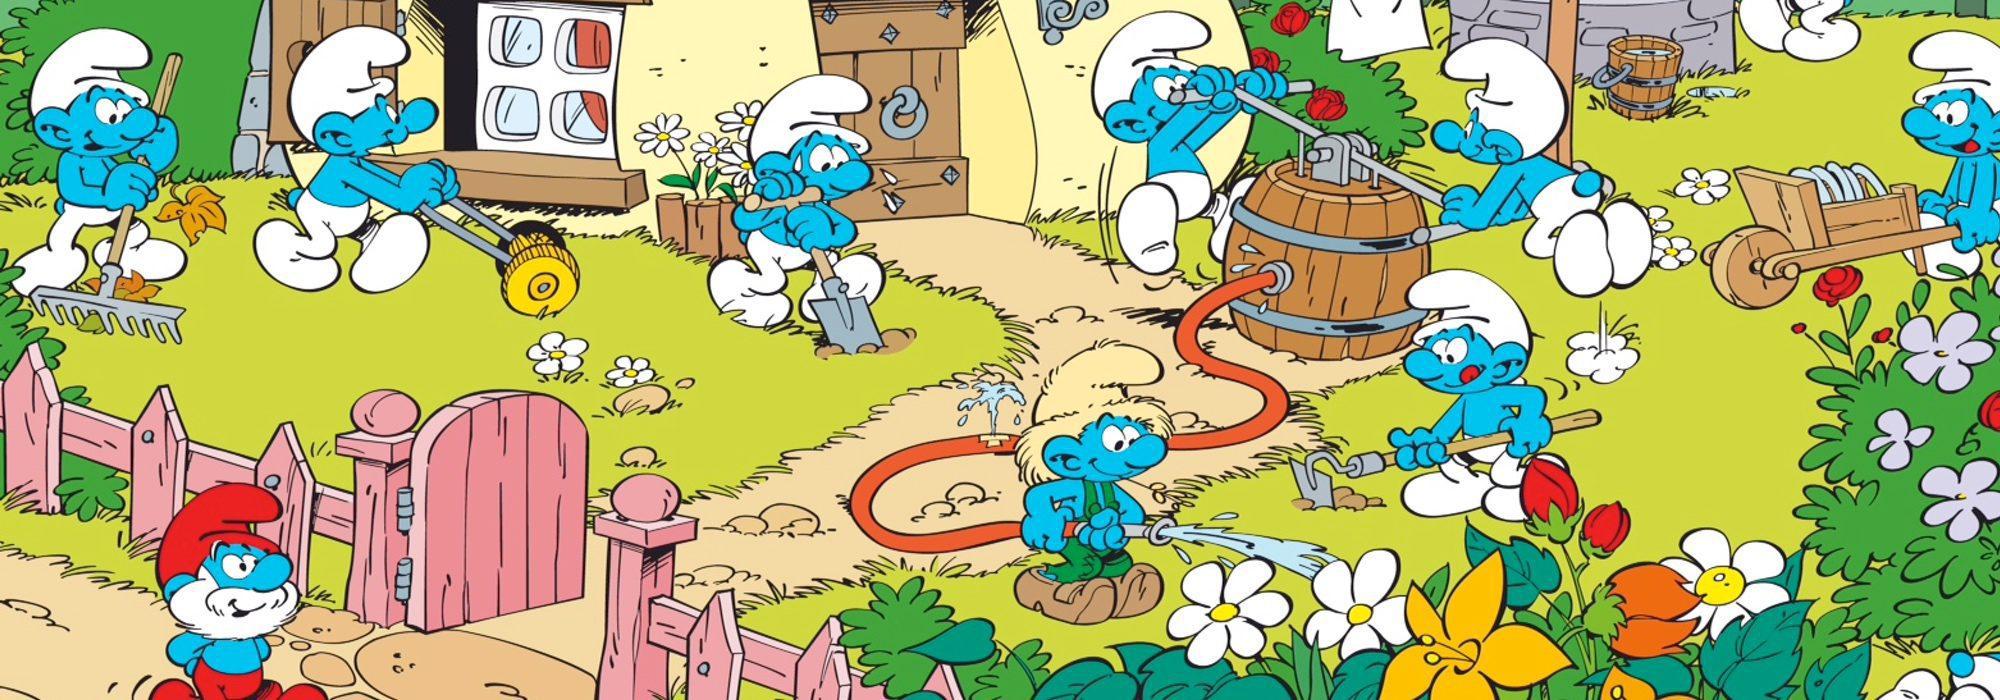 Dibujos Del Cuidado Del Medio Ambiente Finest Publicado: Día Mundial Del Medio Ambiente: 10 Series Infantiles Que